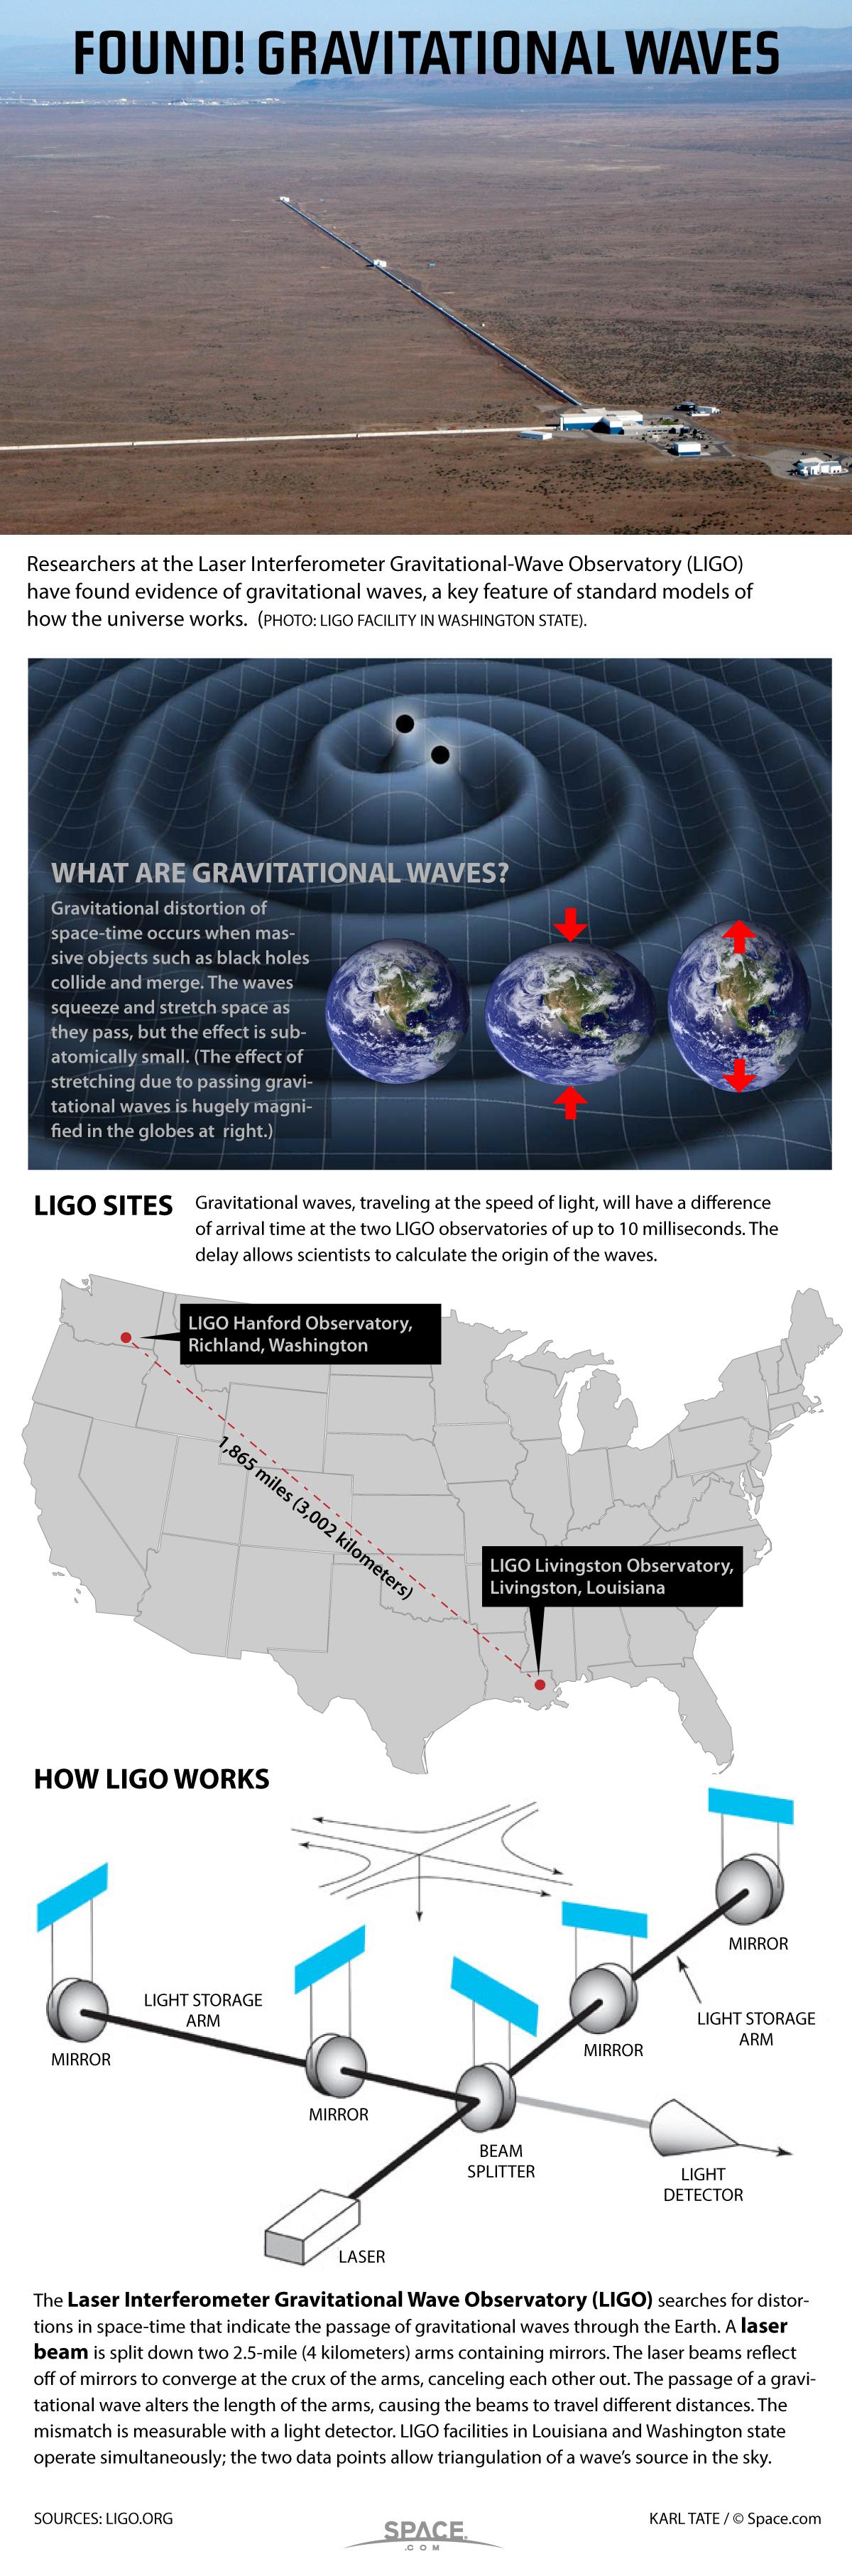 InfographLigo-gravitational-waves